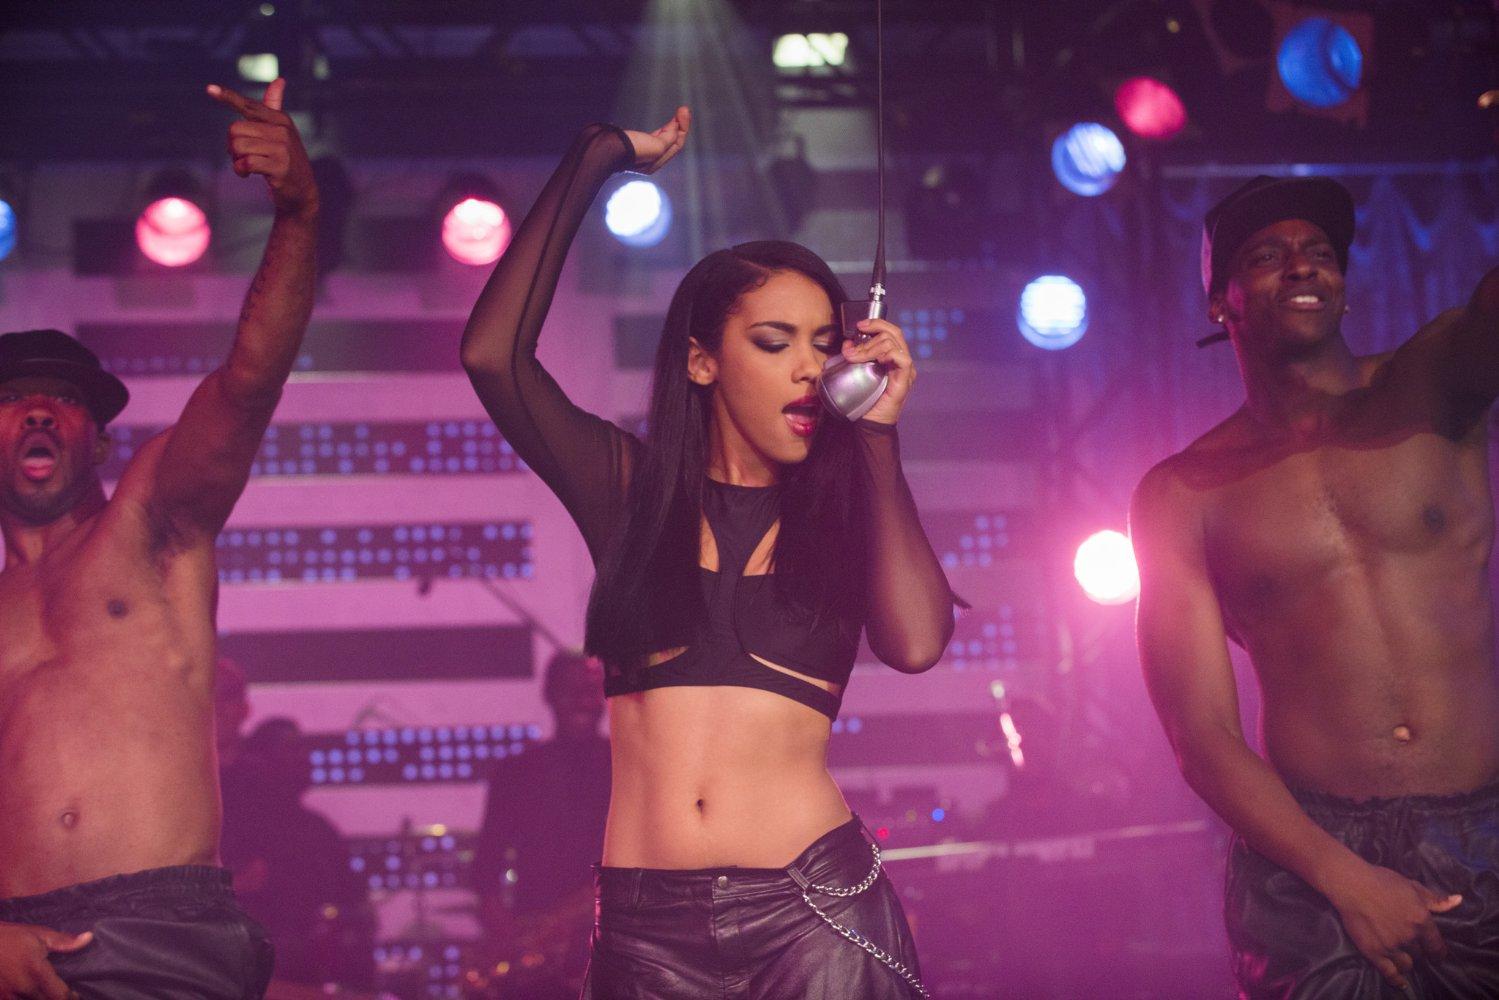 Aaliyah Princess of R&B